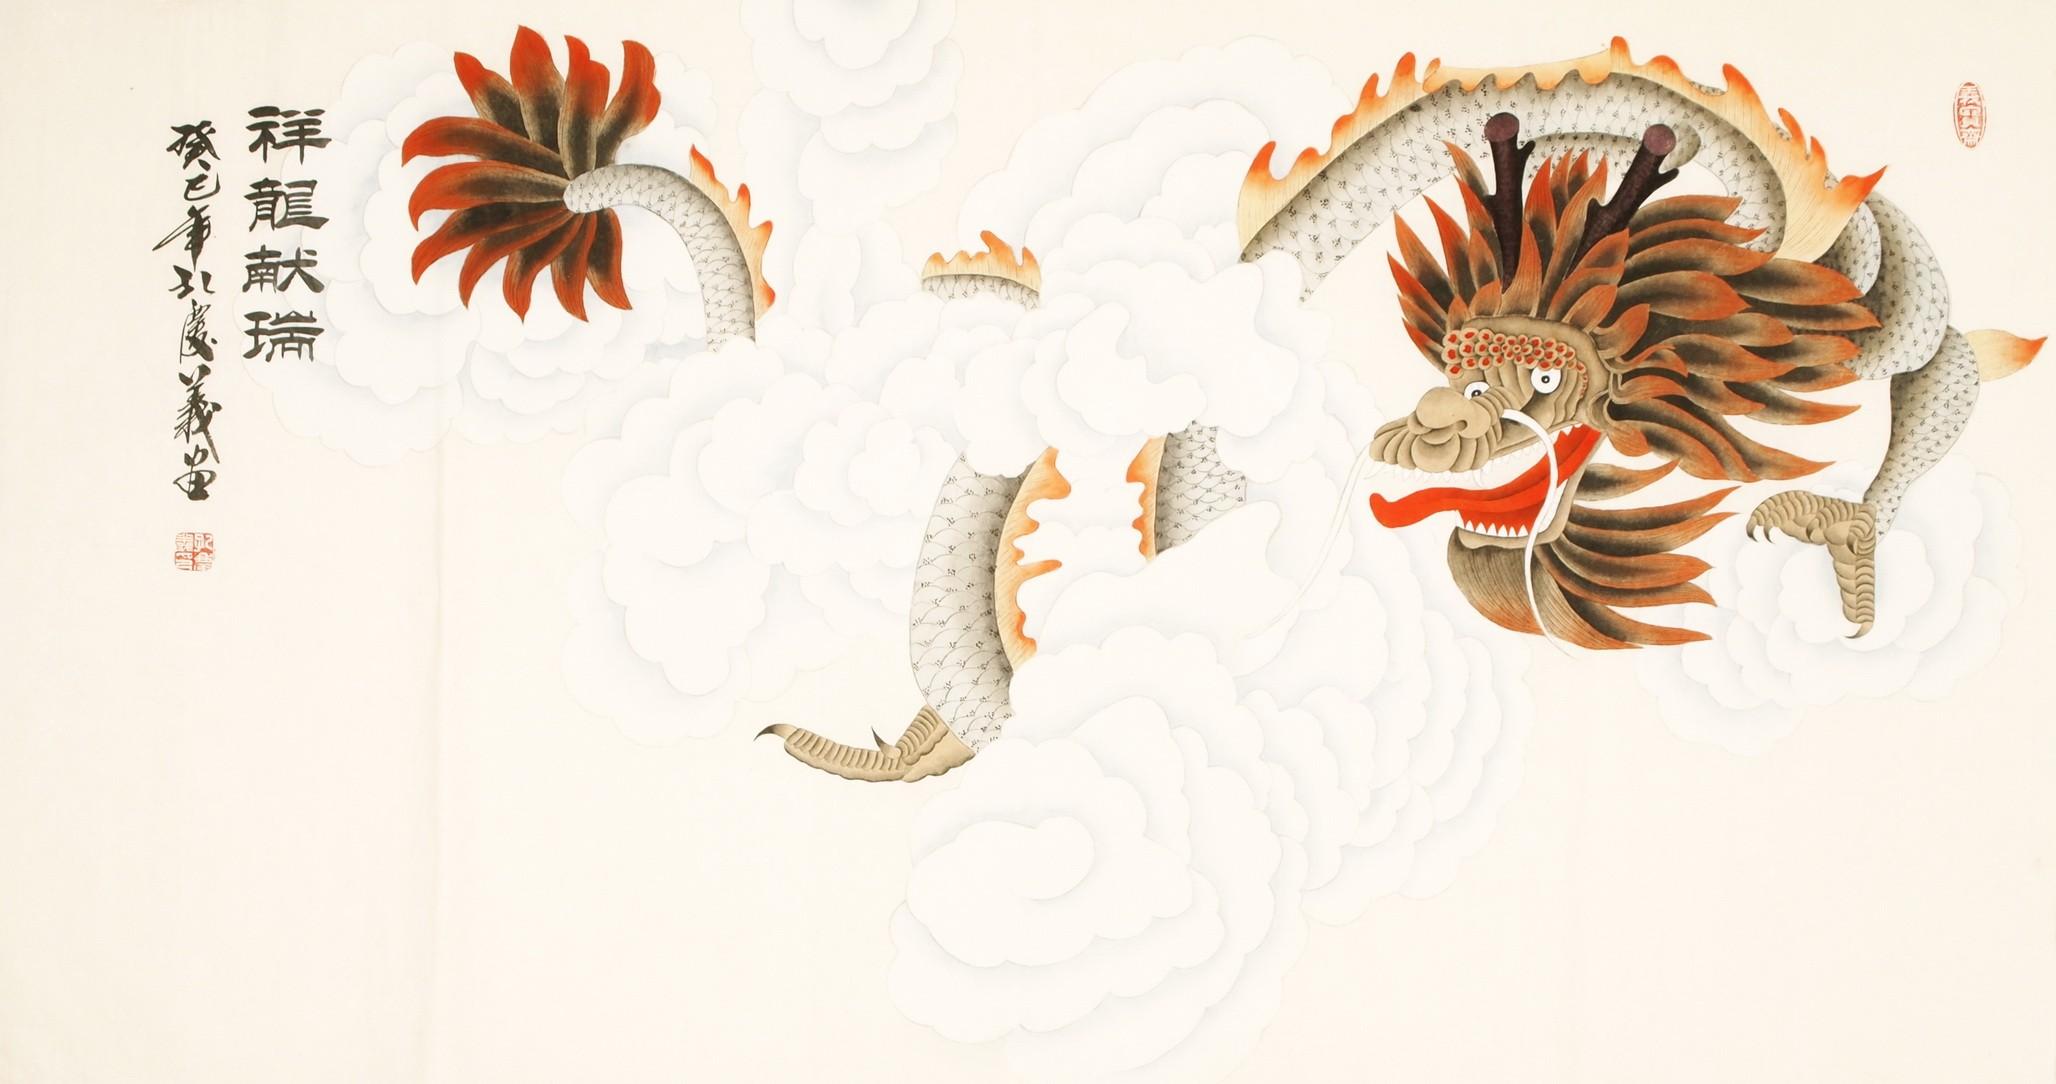 Dragon - CNAG001966